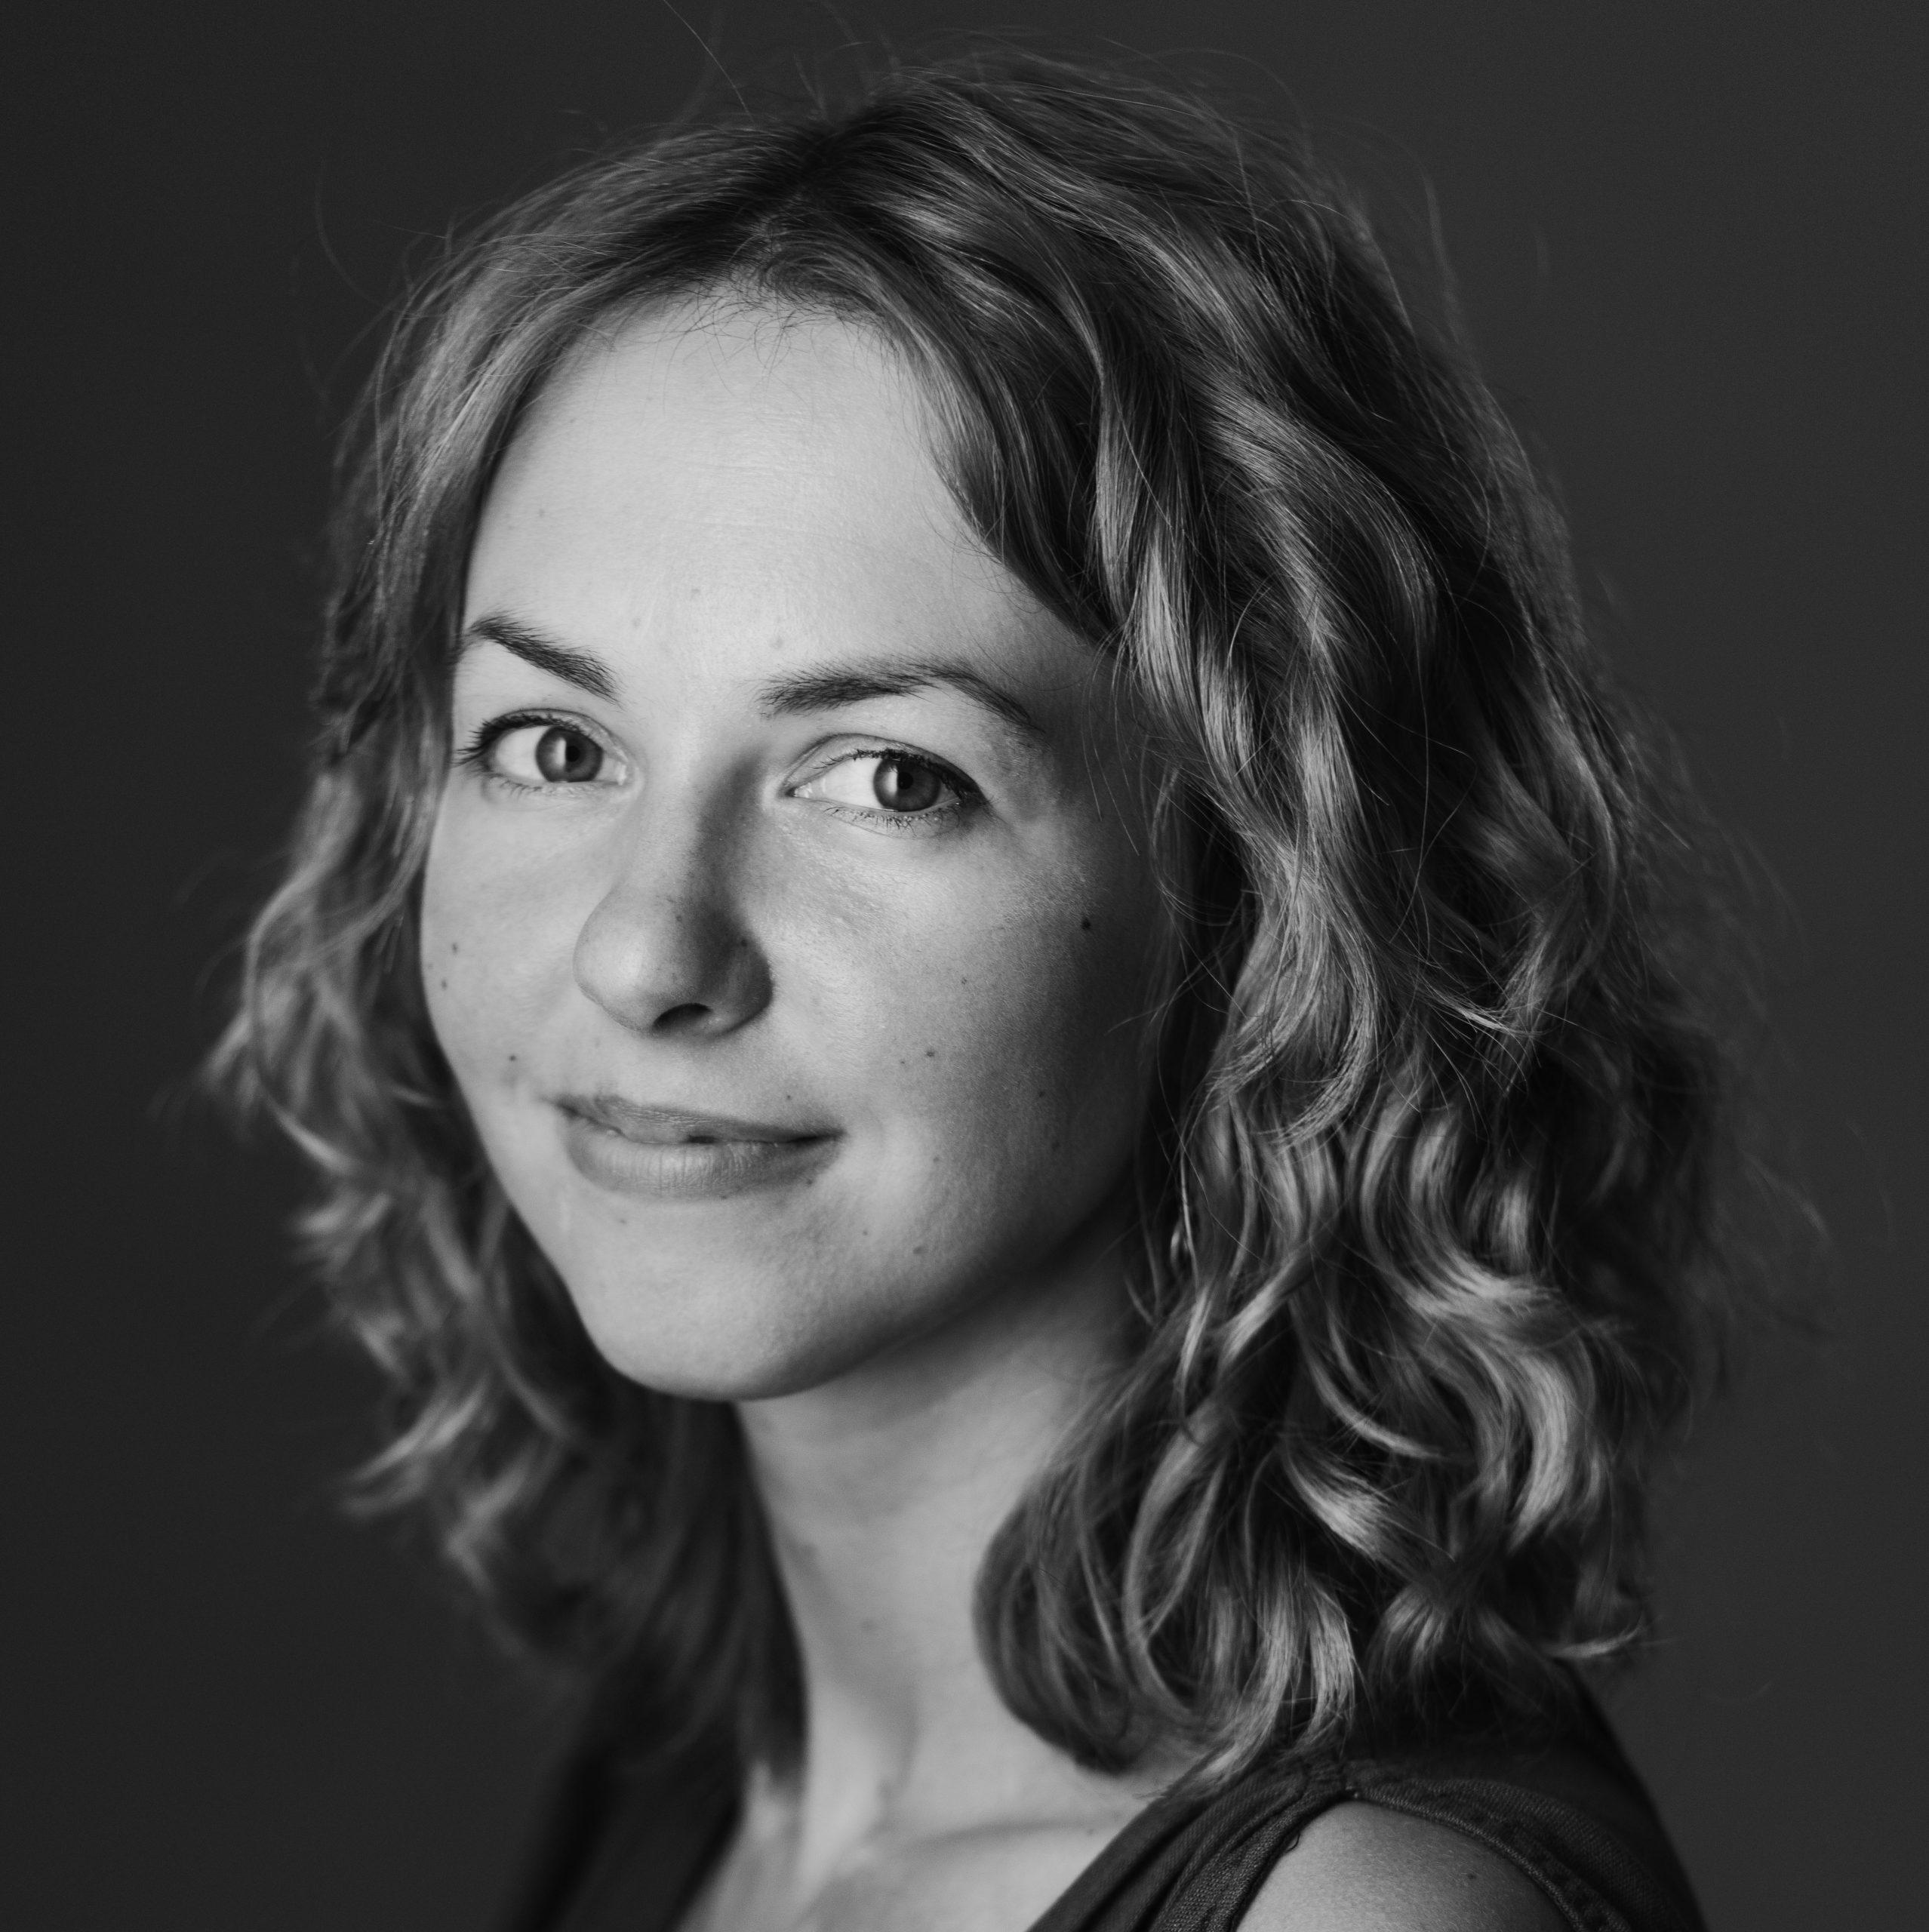 Hanna Pinchuk